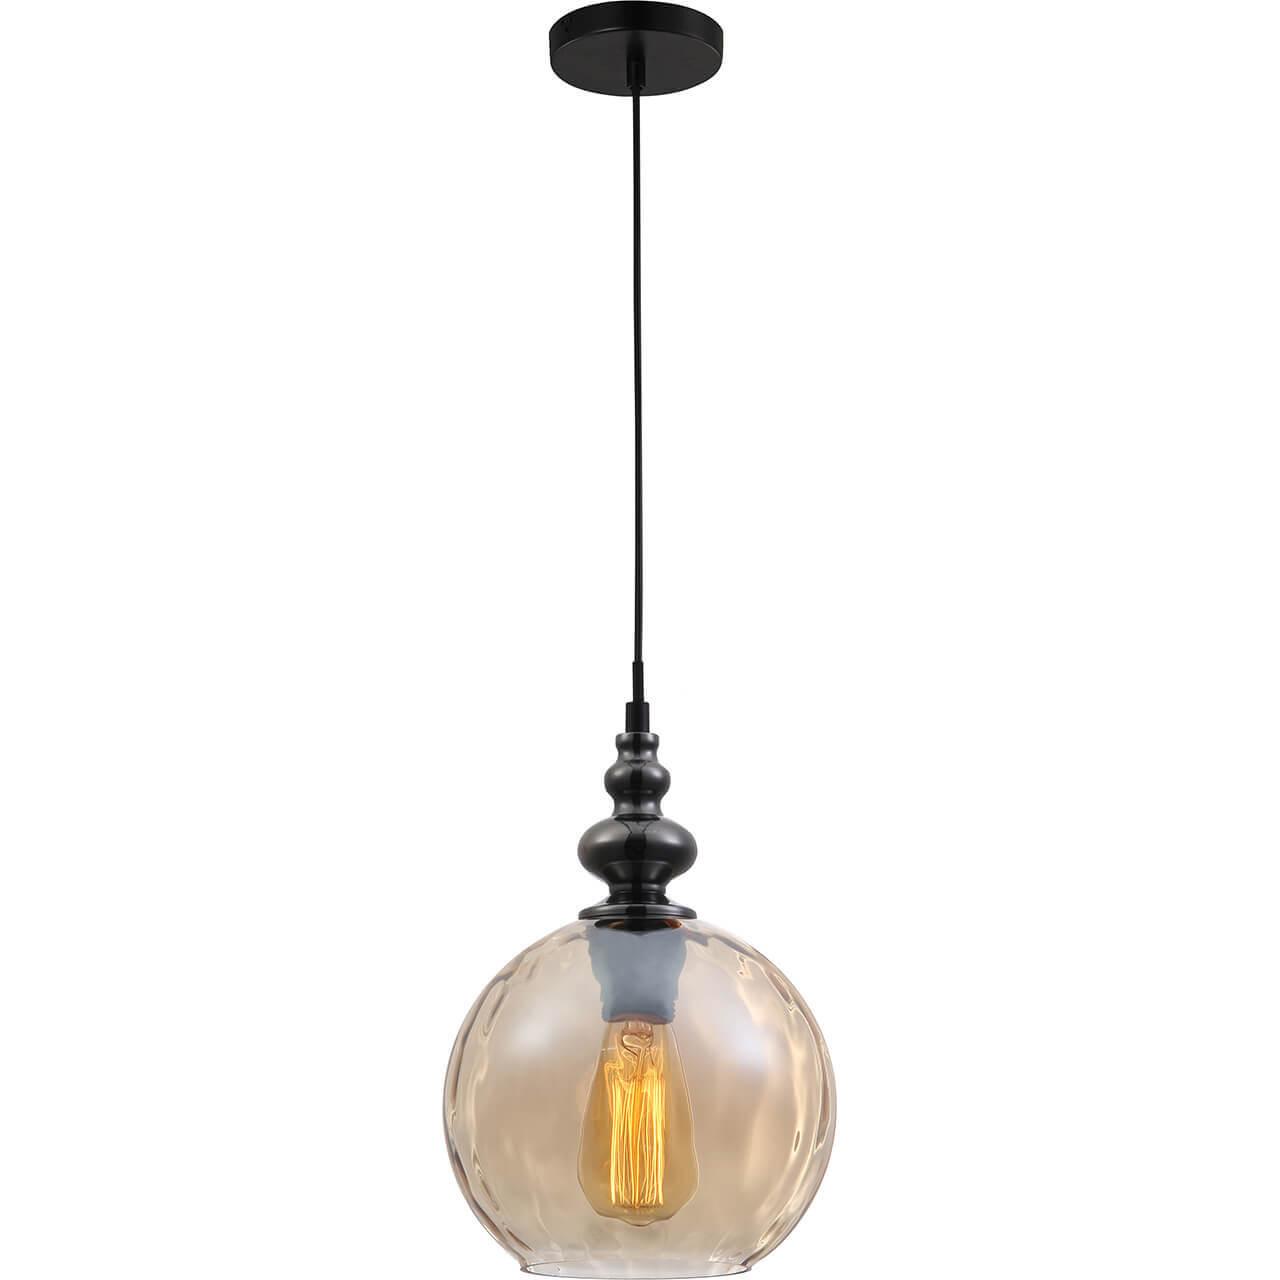 Светильник подвесной Toplight Ida TL1172H-01AB светильник подвесной toplight ida tl1172h 01ab